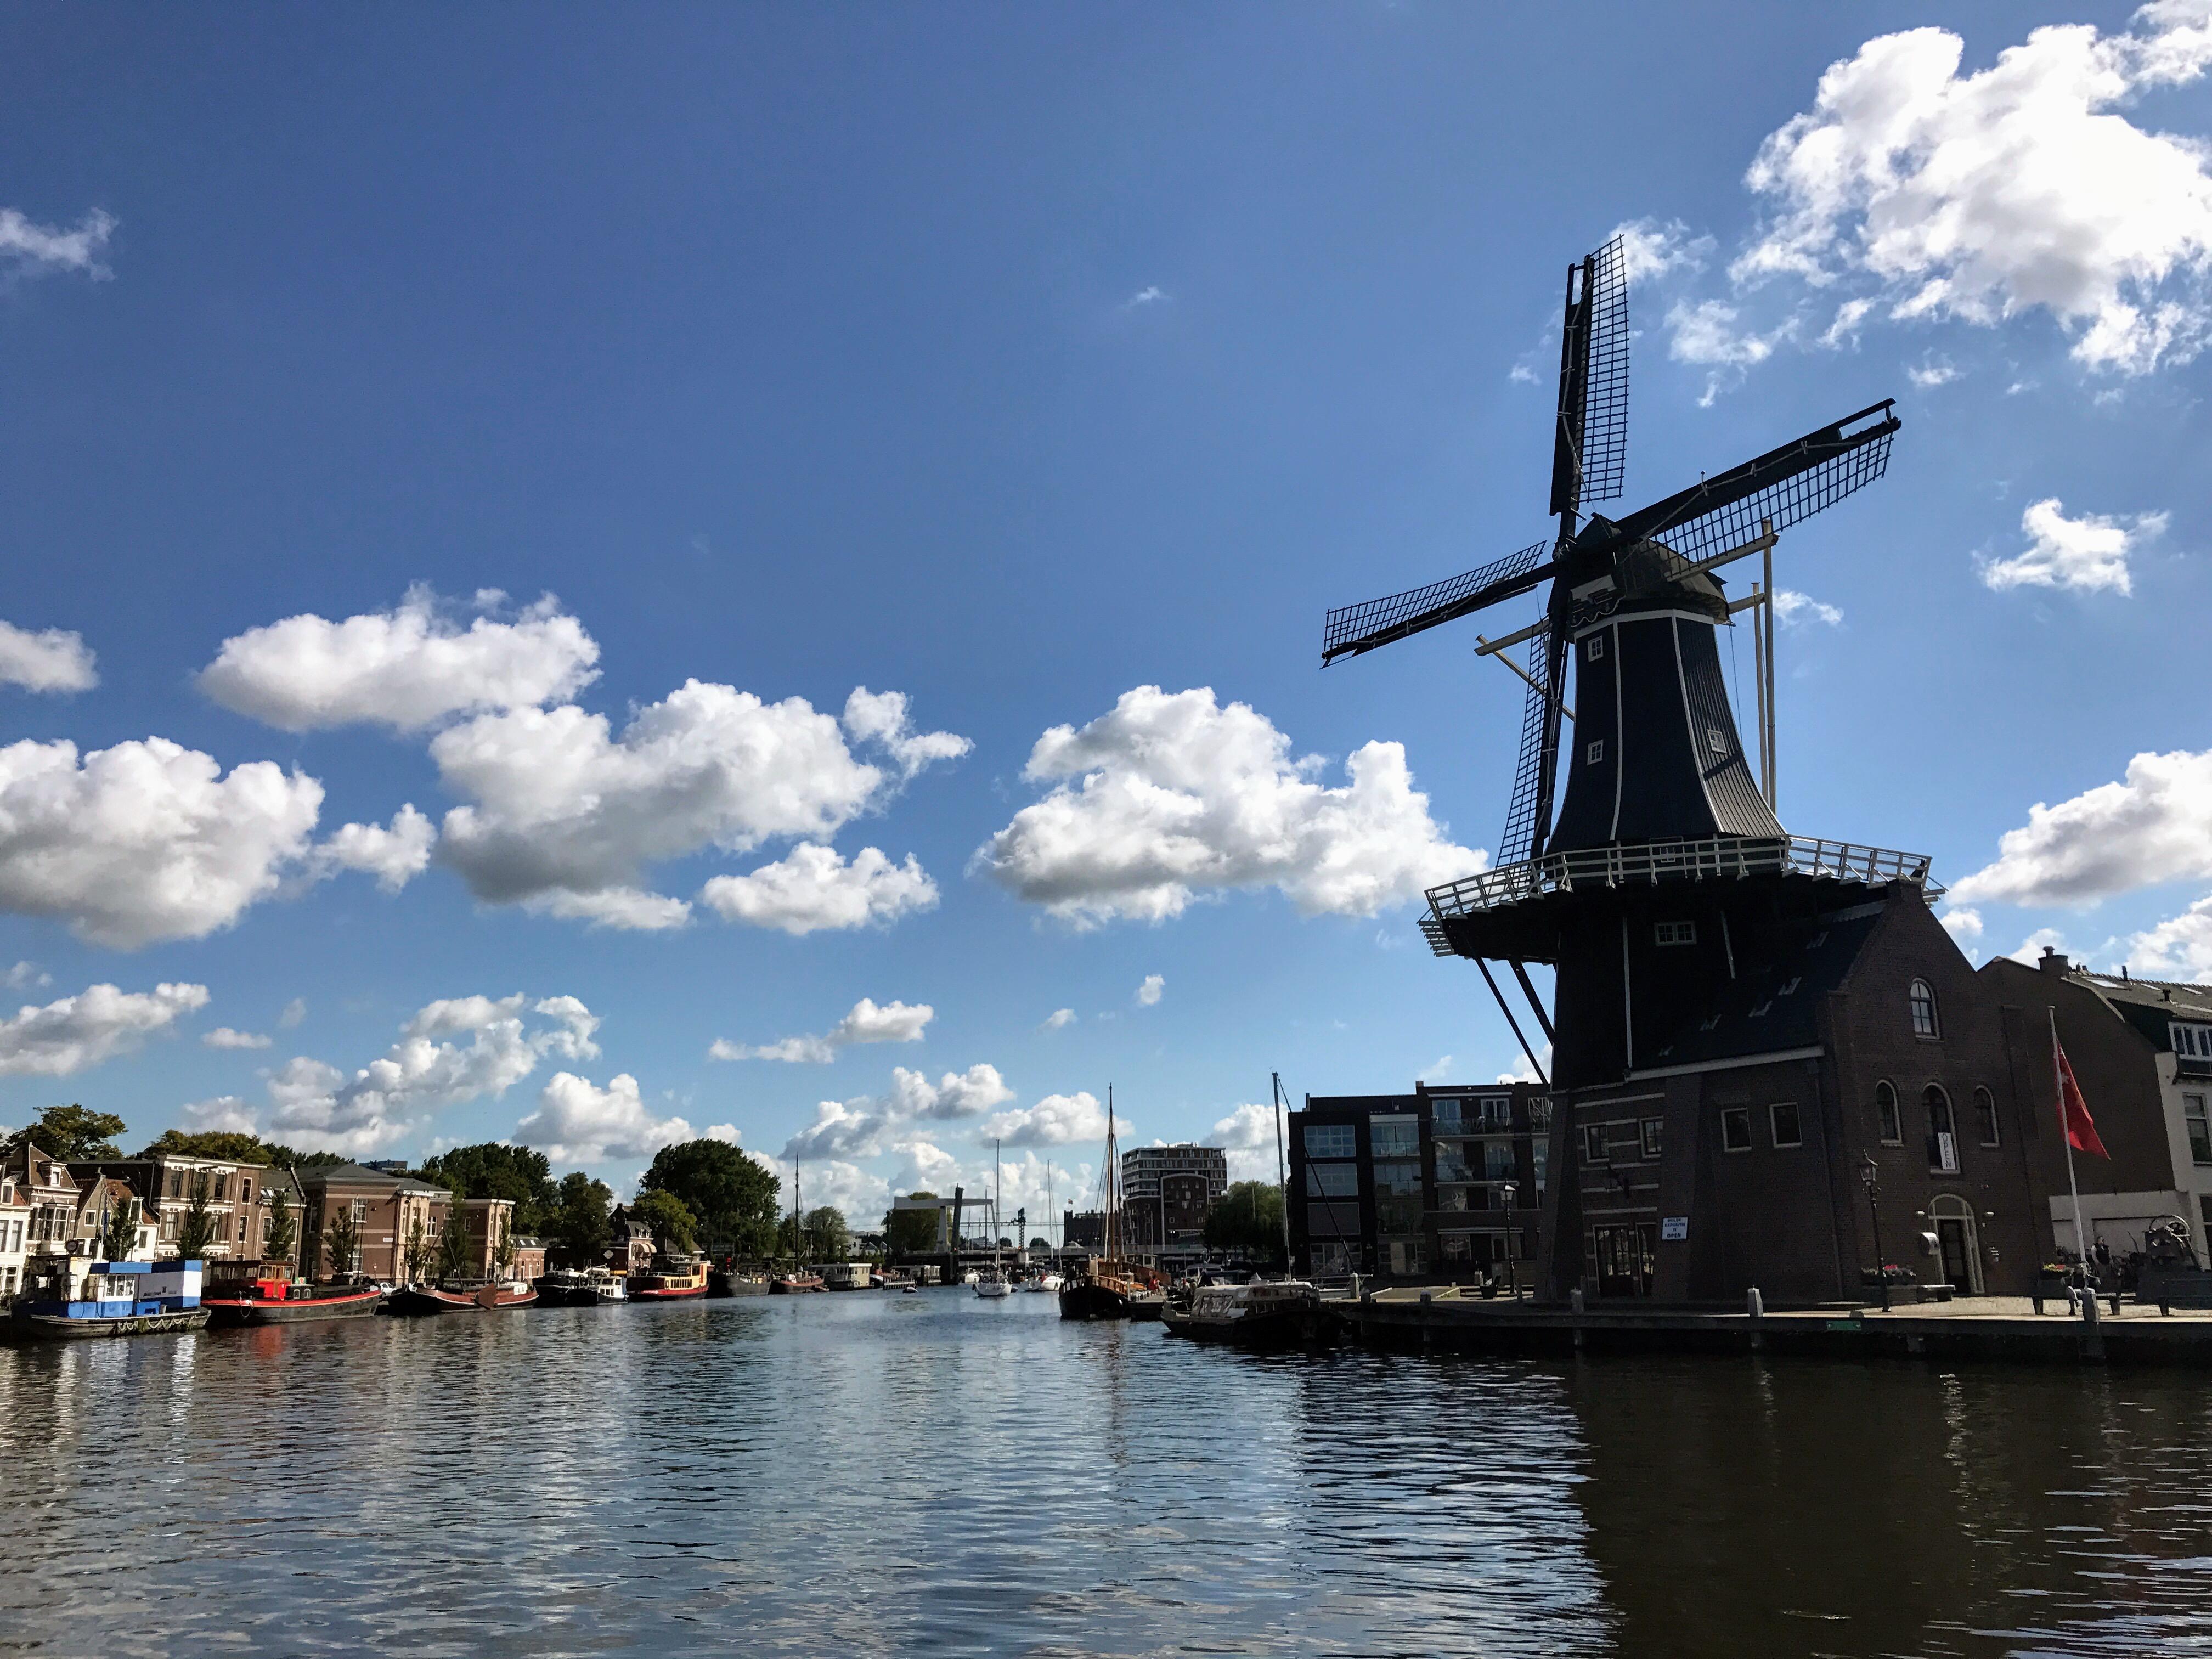 Wochendtrip nach Haarlem und Bloemendaal aan Zee | www.dearlicious.com